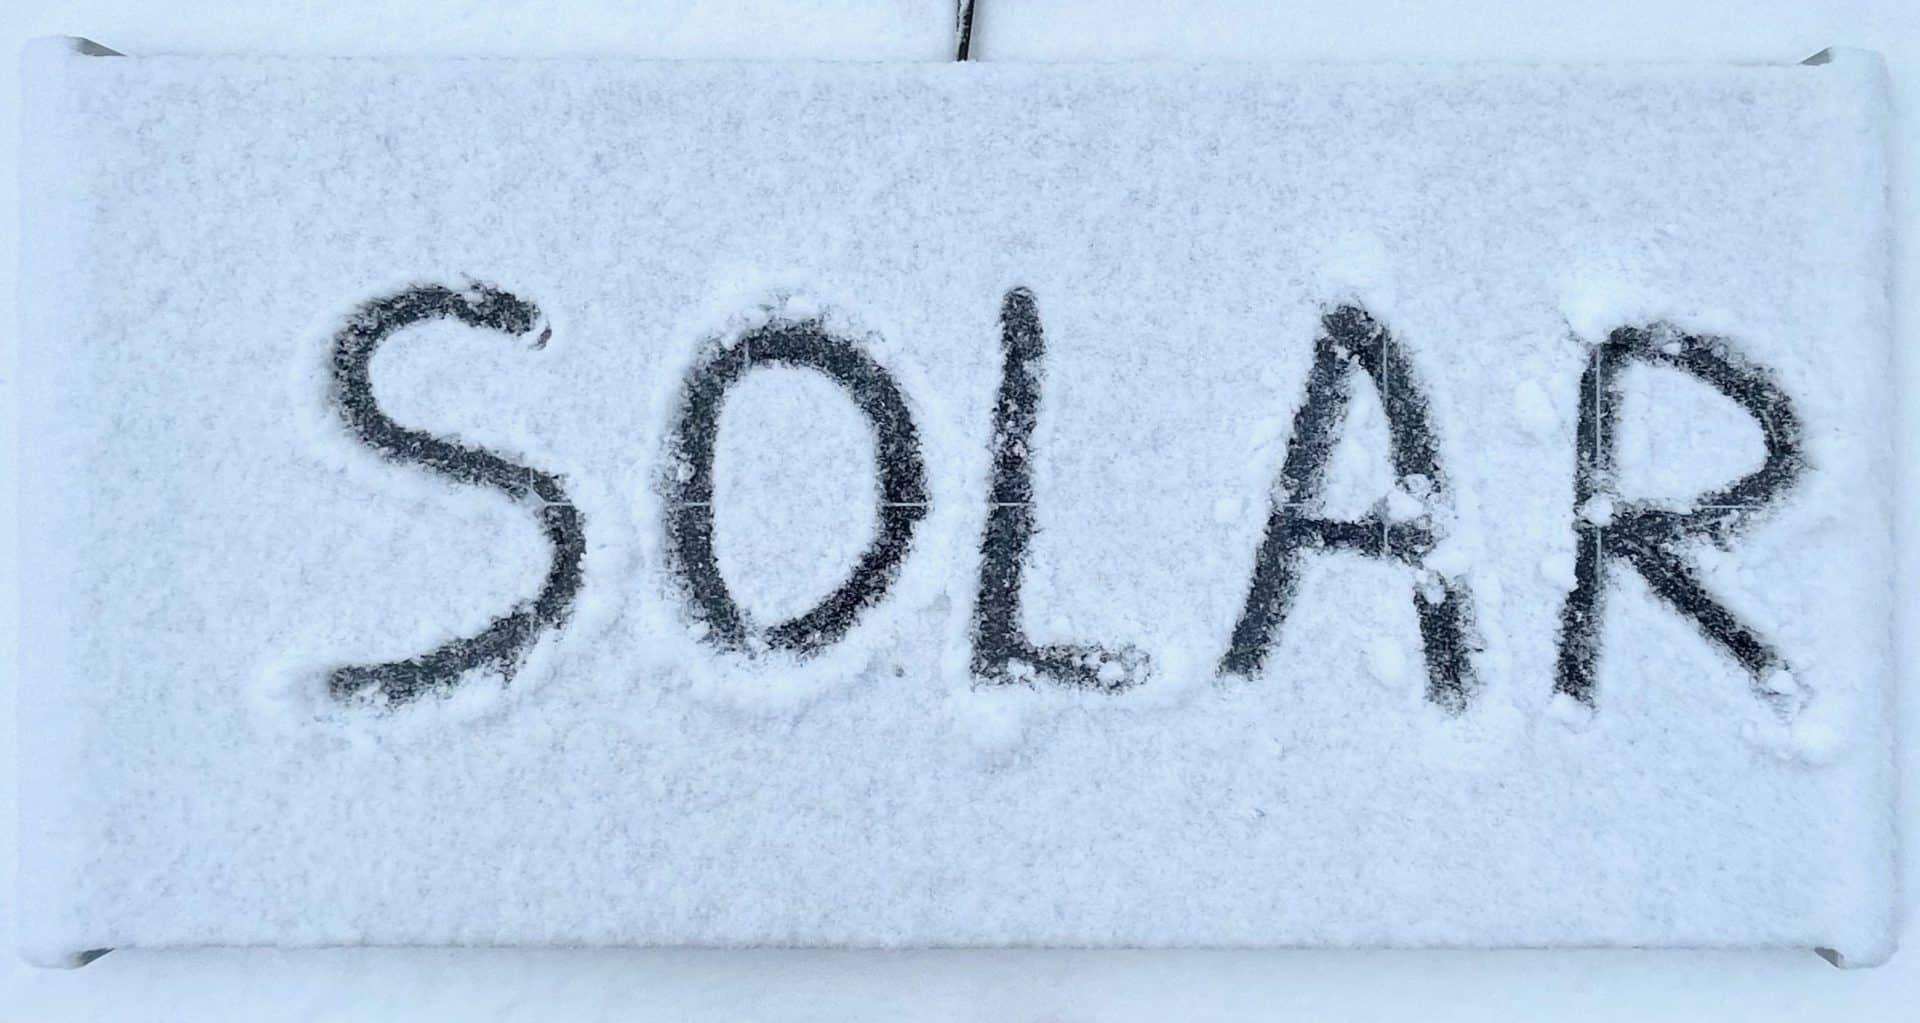 Solaranlage-Wohnmobil-Solarmodule-im-Schnee-geringe-Strom-Leistung-im-Winter